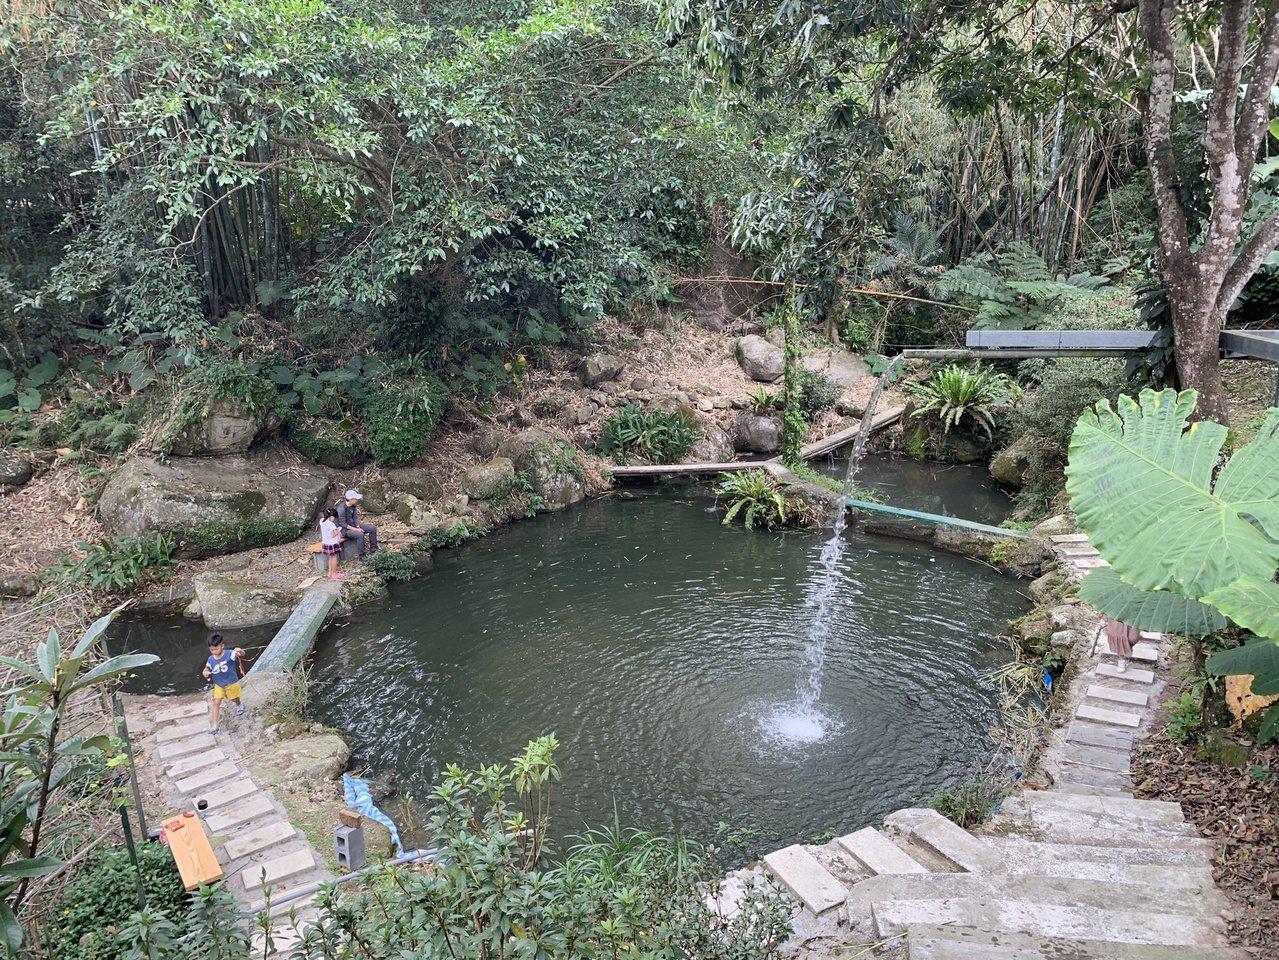 果園除了種水果,還有魚池引用天然泉水養殖的草魚、吳郭魚,可讓遊客盡情釣魚。 圖/...